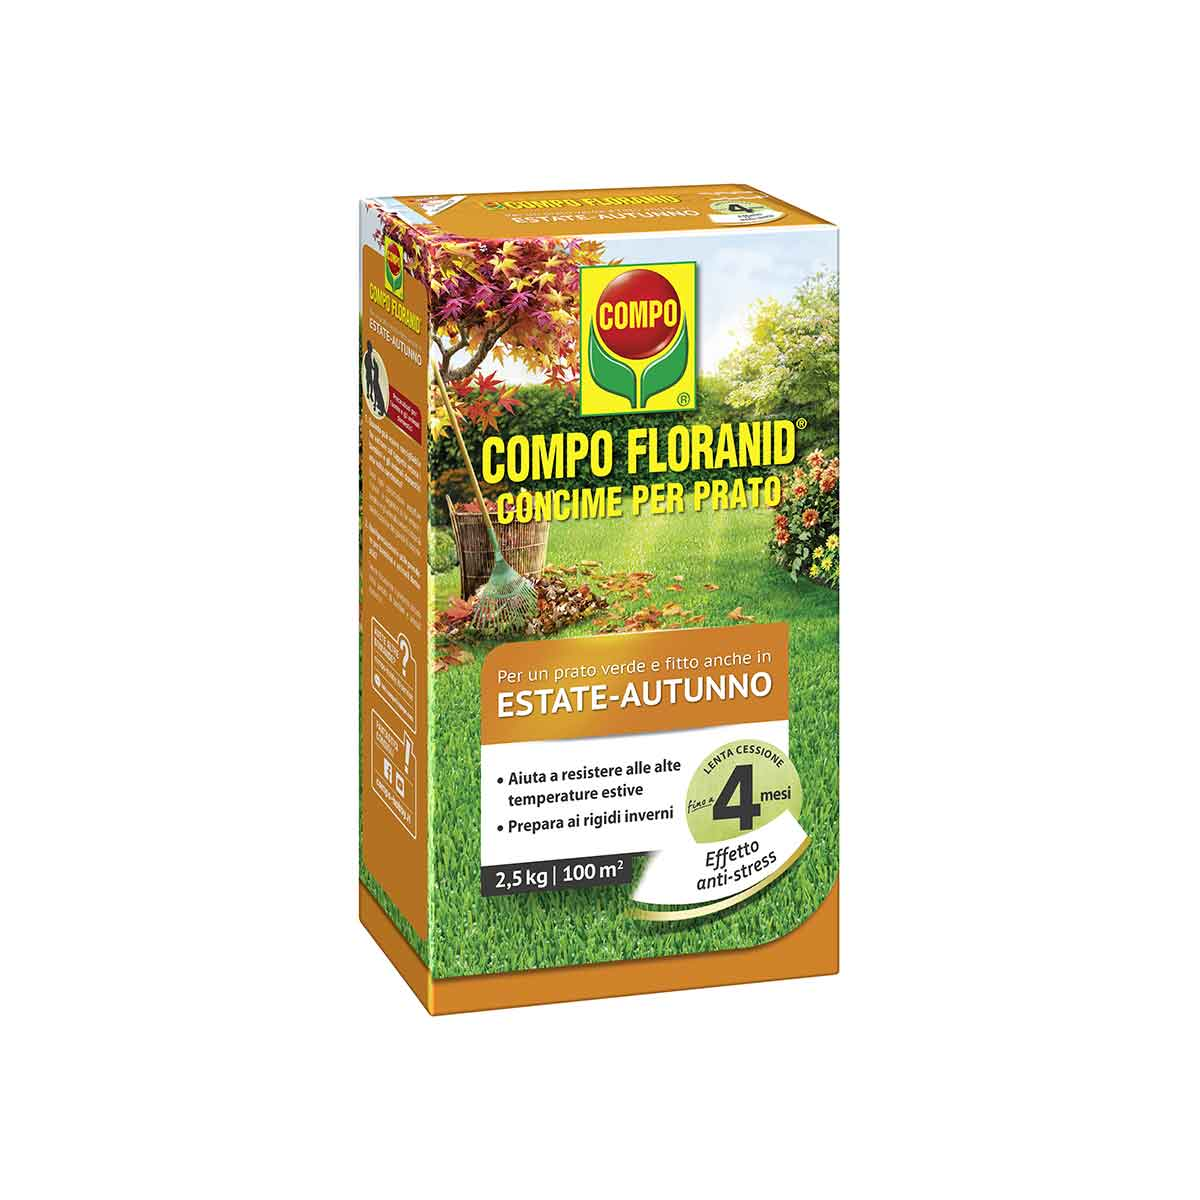 Compo Concime Prato Floranid Estate/Autunno 2,5kg